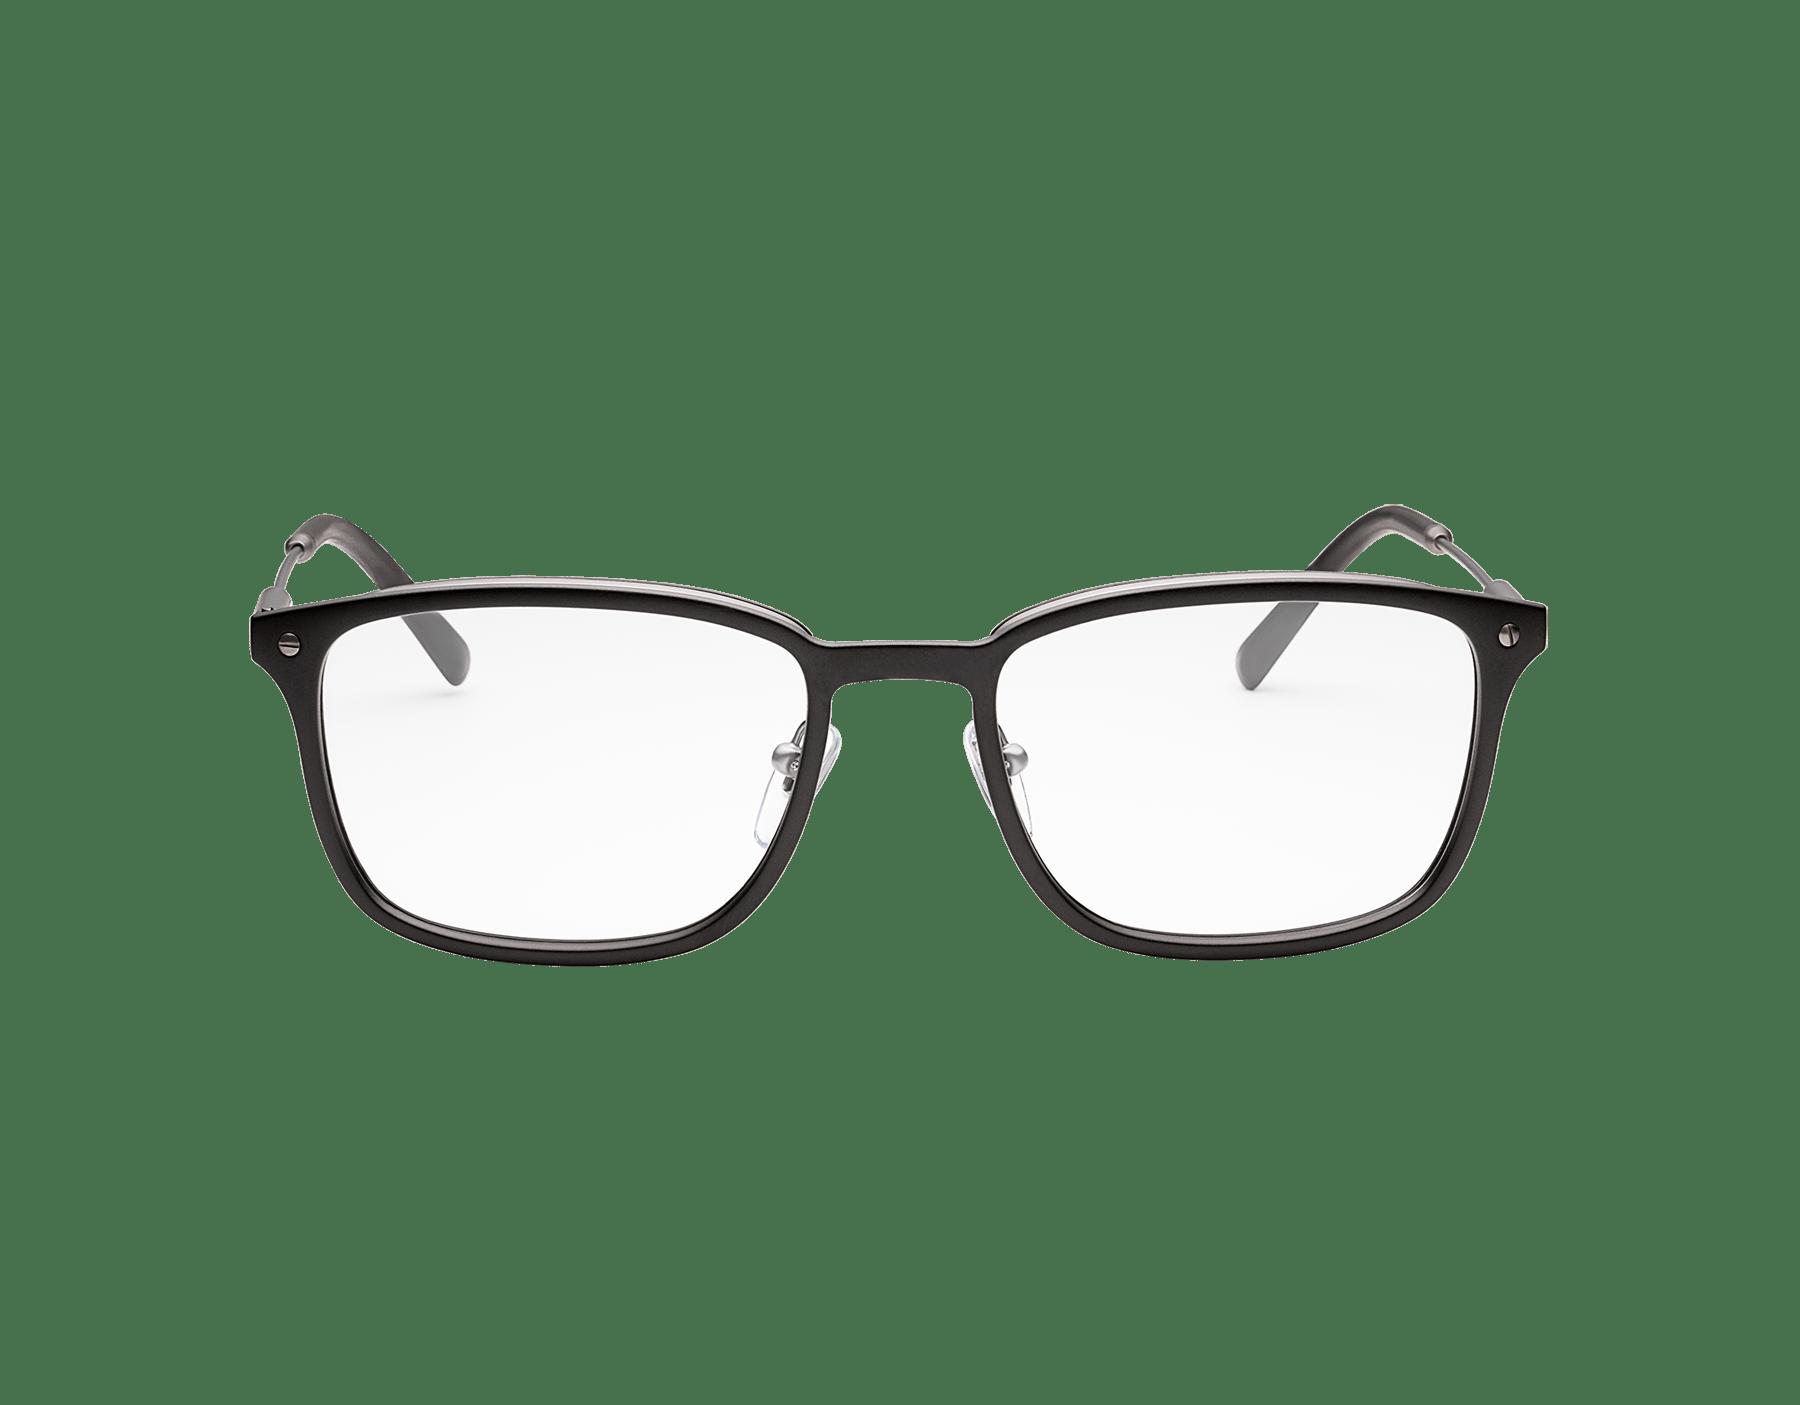 Diagono rectangular metal eyeglasses. 903632 image 2